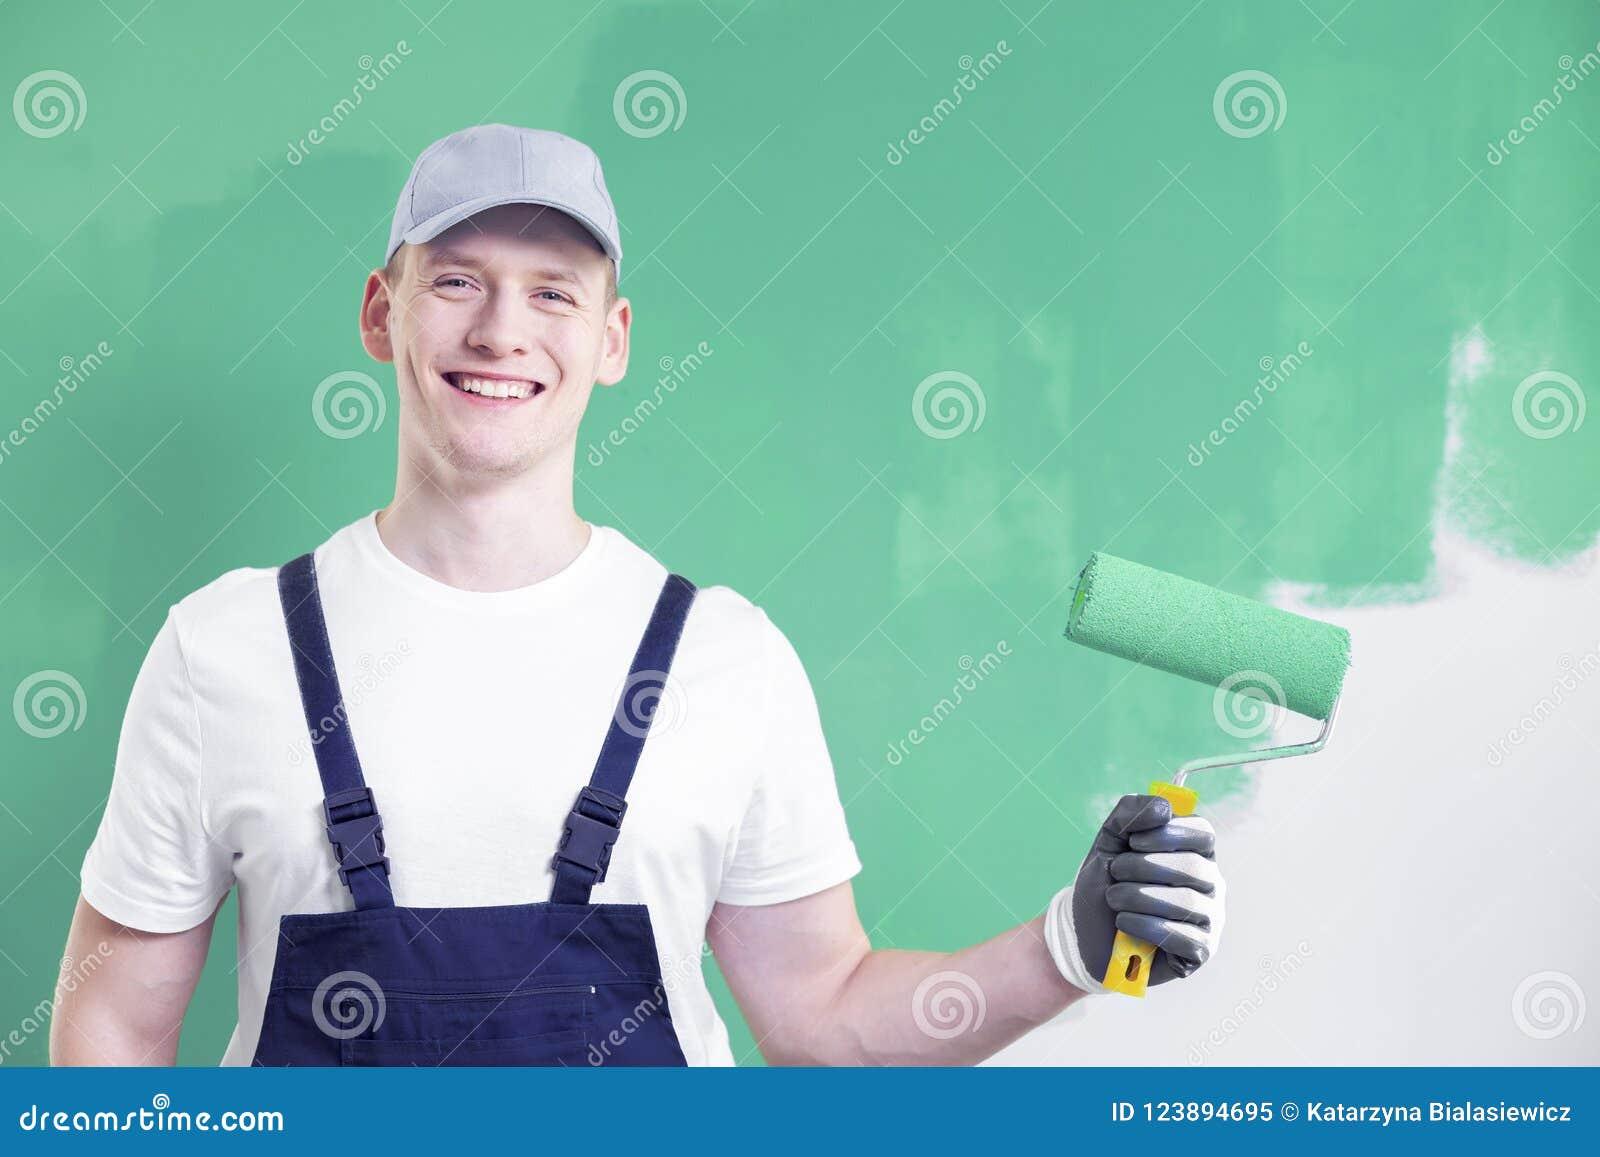 Porträt des oberen Körpers einer jungen, lächelnden Haupterneuerungsarbeitskraft p